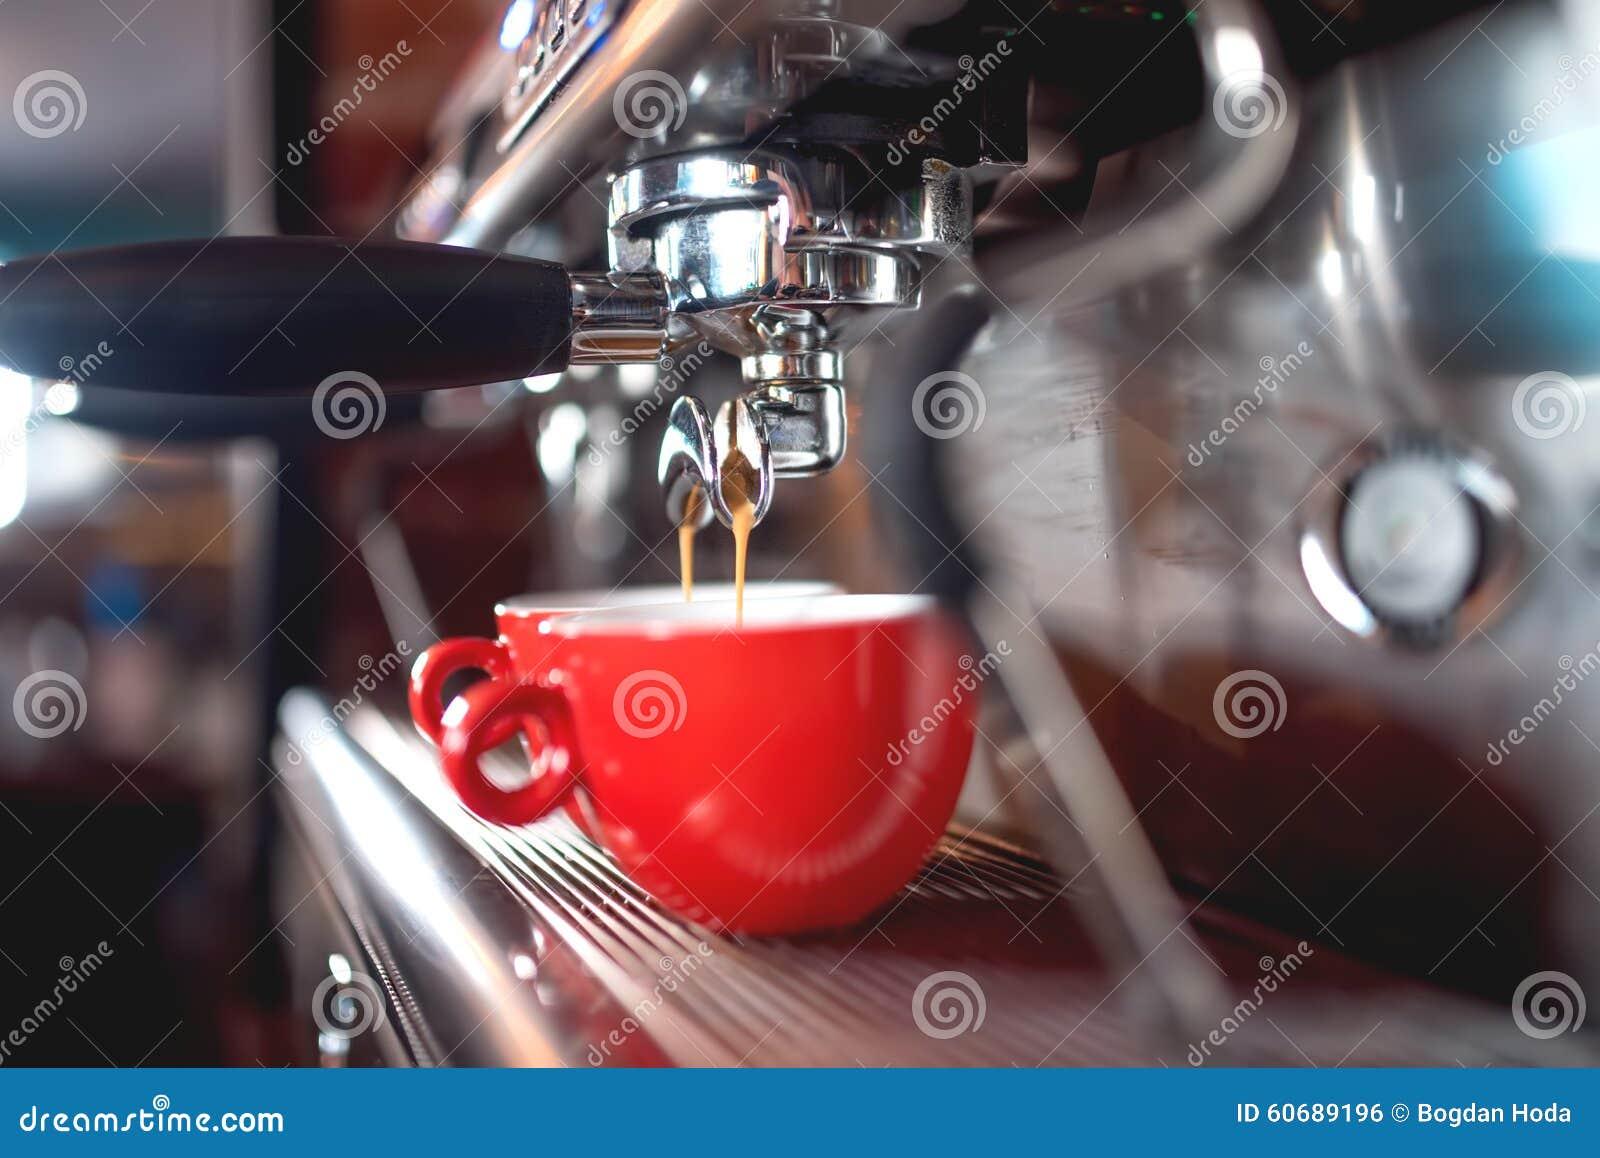 De gietende koffie van de espressomachine in koppen bij restaurant of bar Baristaconcept met machines, stamper, koffie en hulpmid